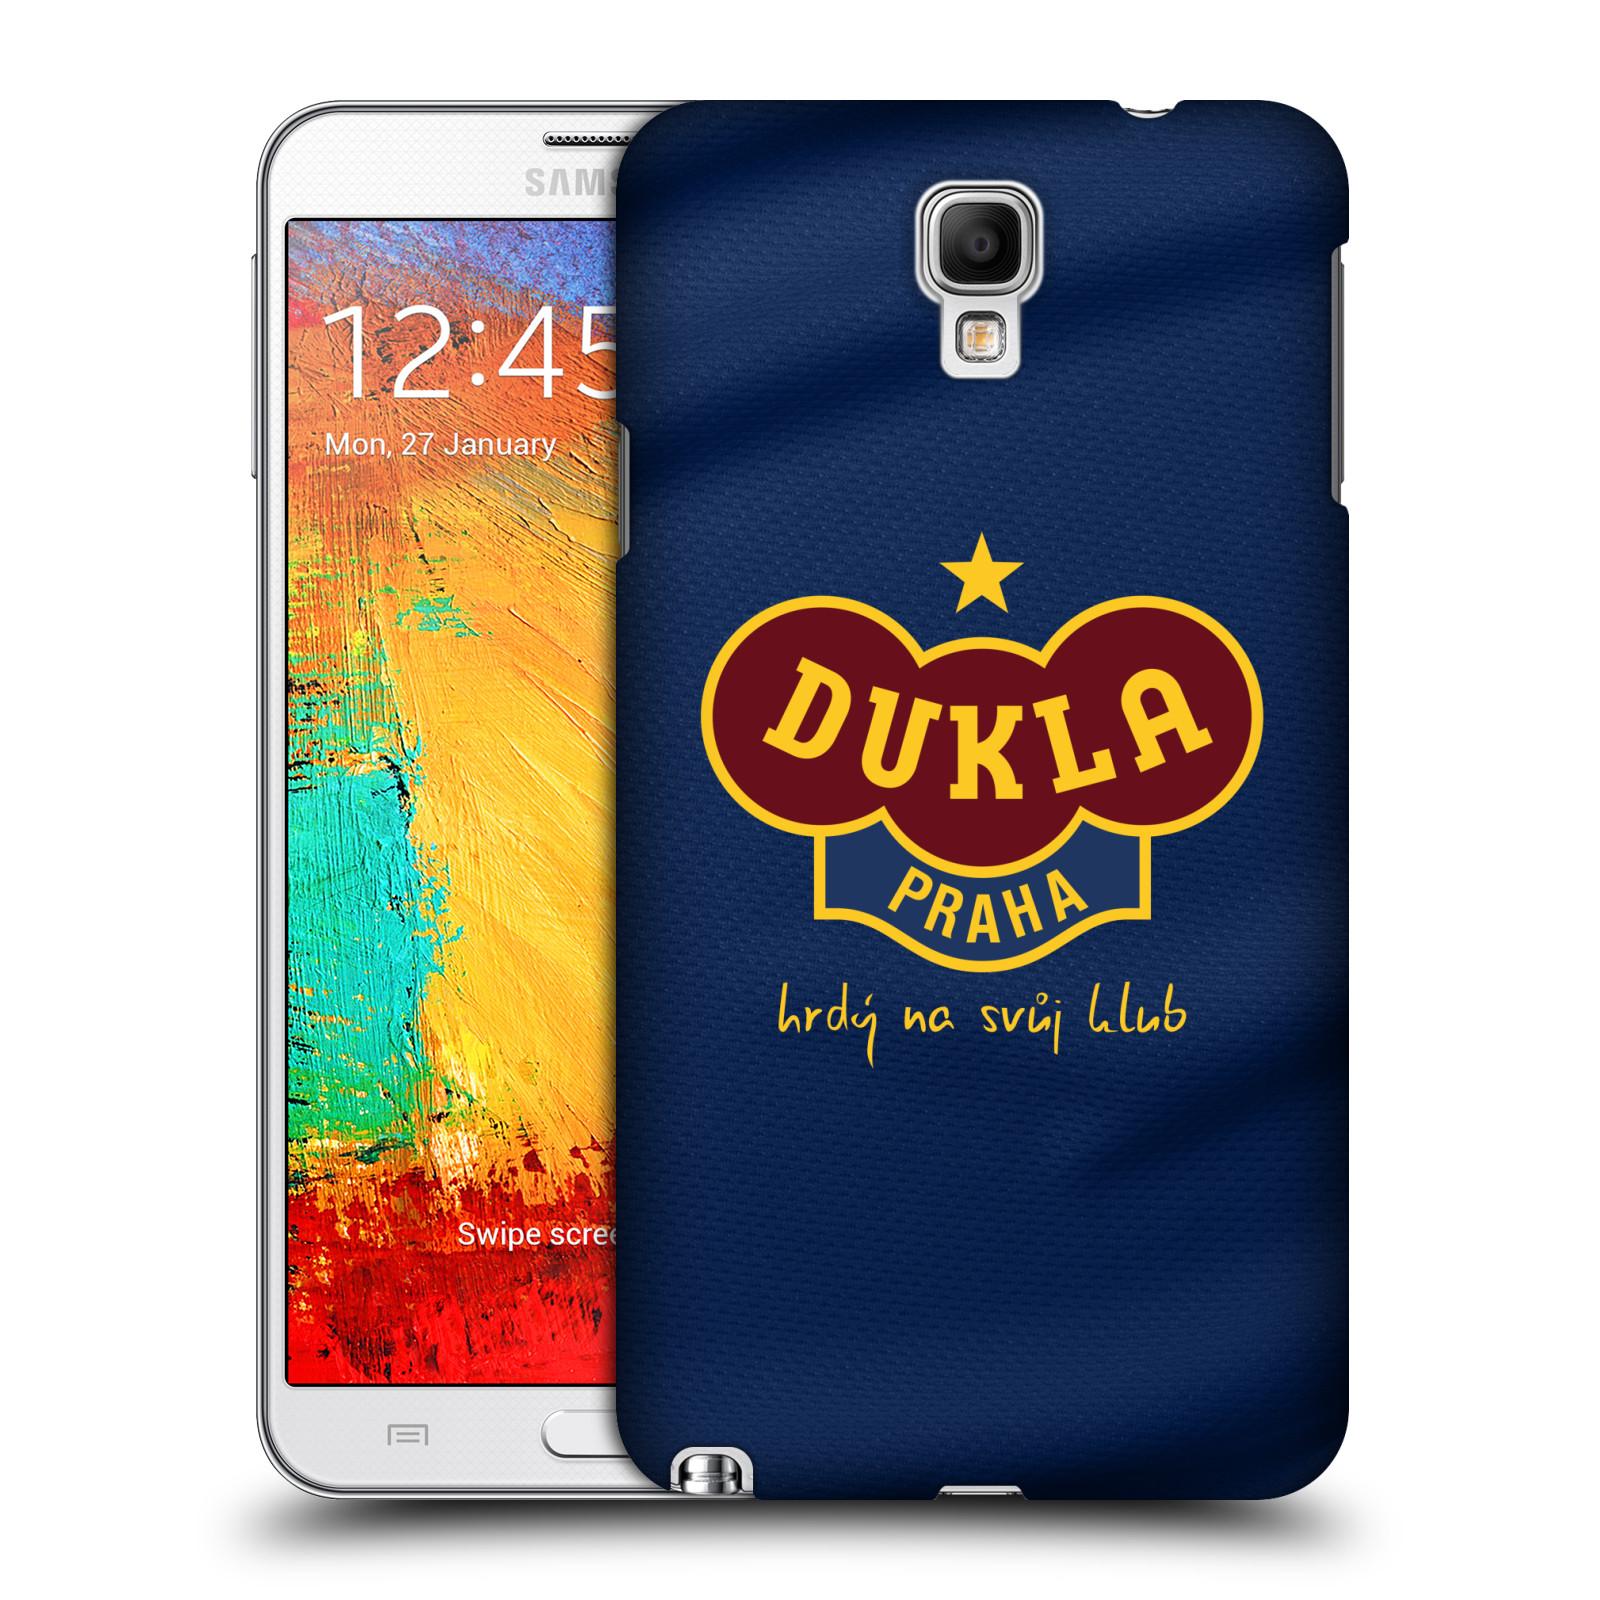 Plastové pouzdro na mobil Samsung Galaxy Note 3 Neo - FK Dukla Praha - Modrý dres